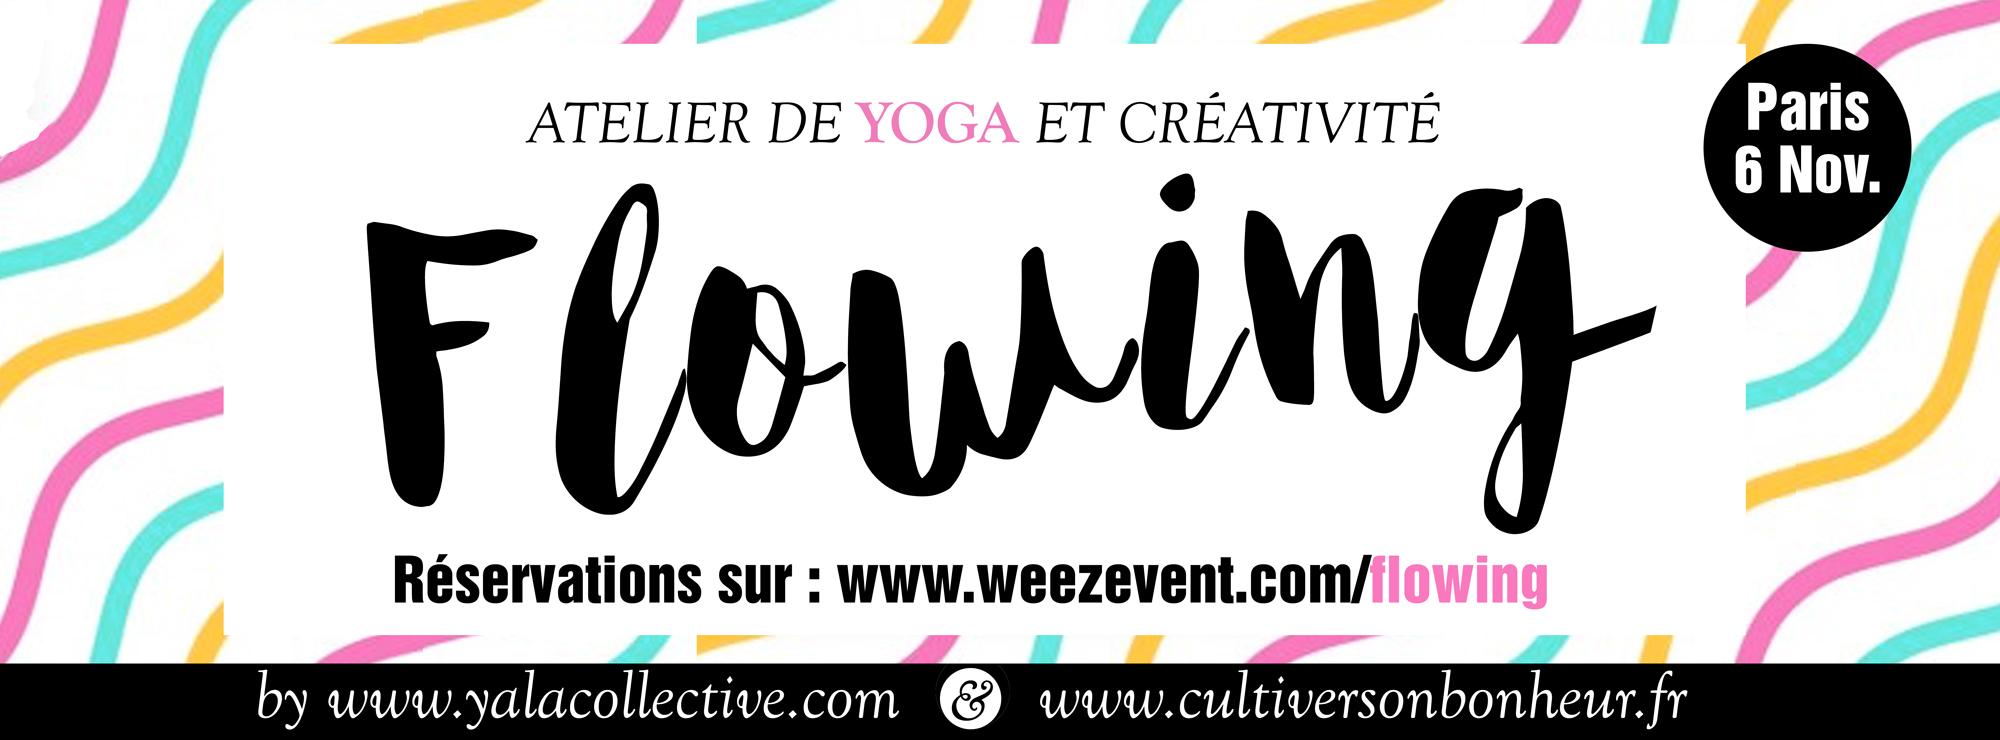 Yoga et créativité à Paris - Cultiver Son Bonheur - Carolina de la Cuesta